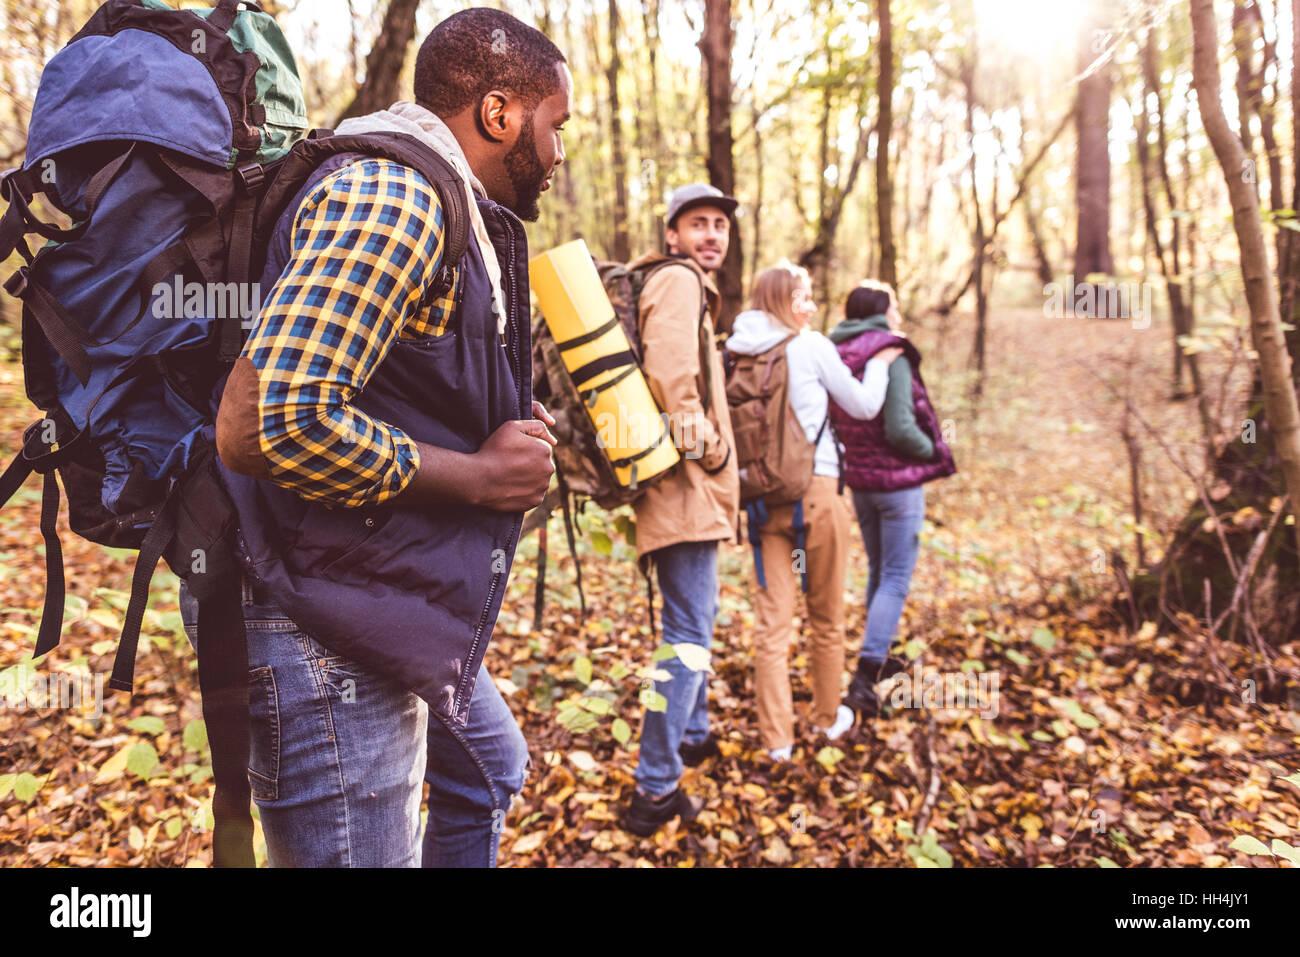 Vier junge Rucksacktouristen Wandern hintereinander im herbstlichen Wald bei Sonnenuntergang Stockbild